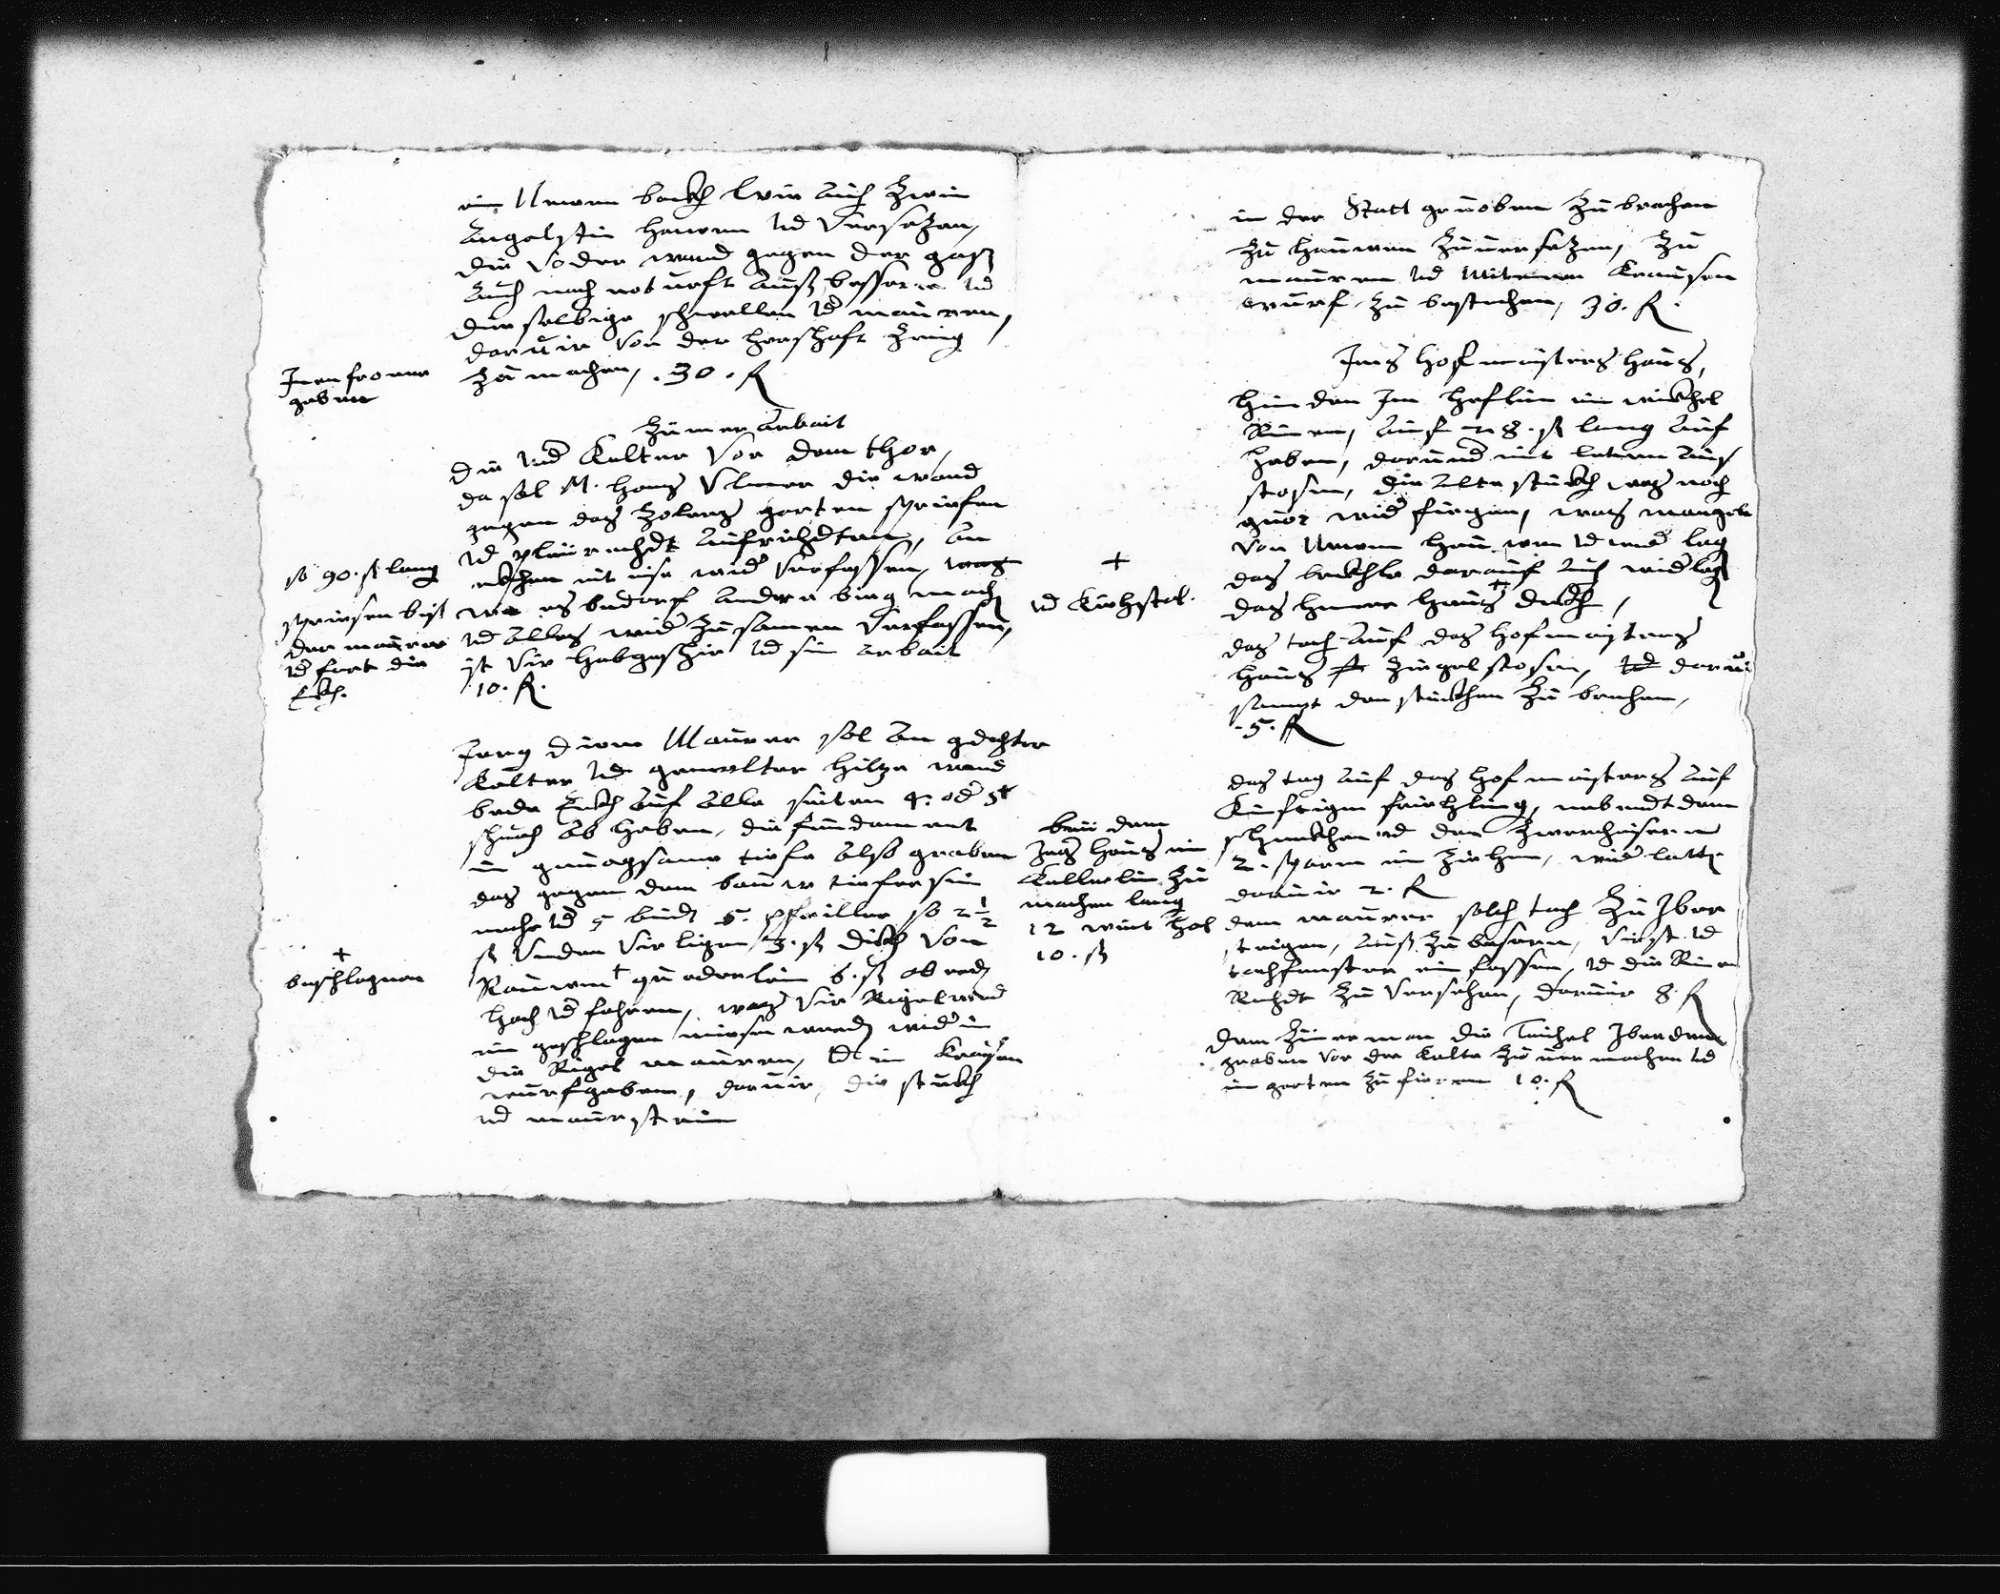 Planung und Kostenvoranschläge zur oberen und unteren Kelter von Schickhardt, 20. September 1621, zwei von Zimmermann Hans Ulmer, zwei vom Maurer, eine für Steinmetzarbeiten, alle o. D. (Folio), Bild 2